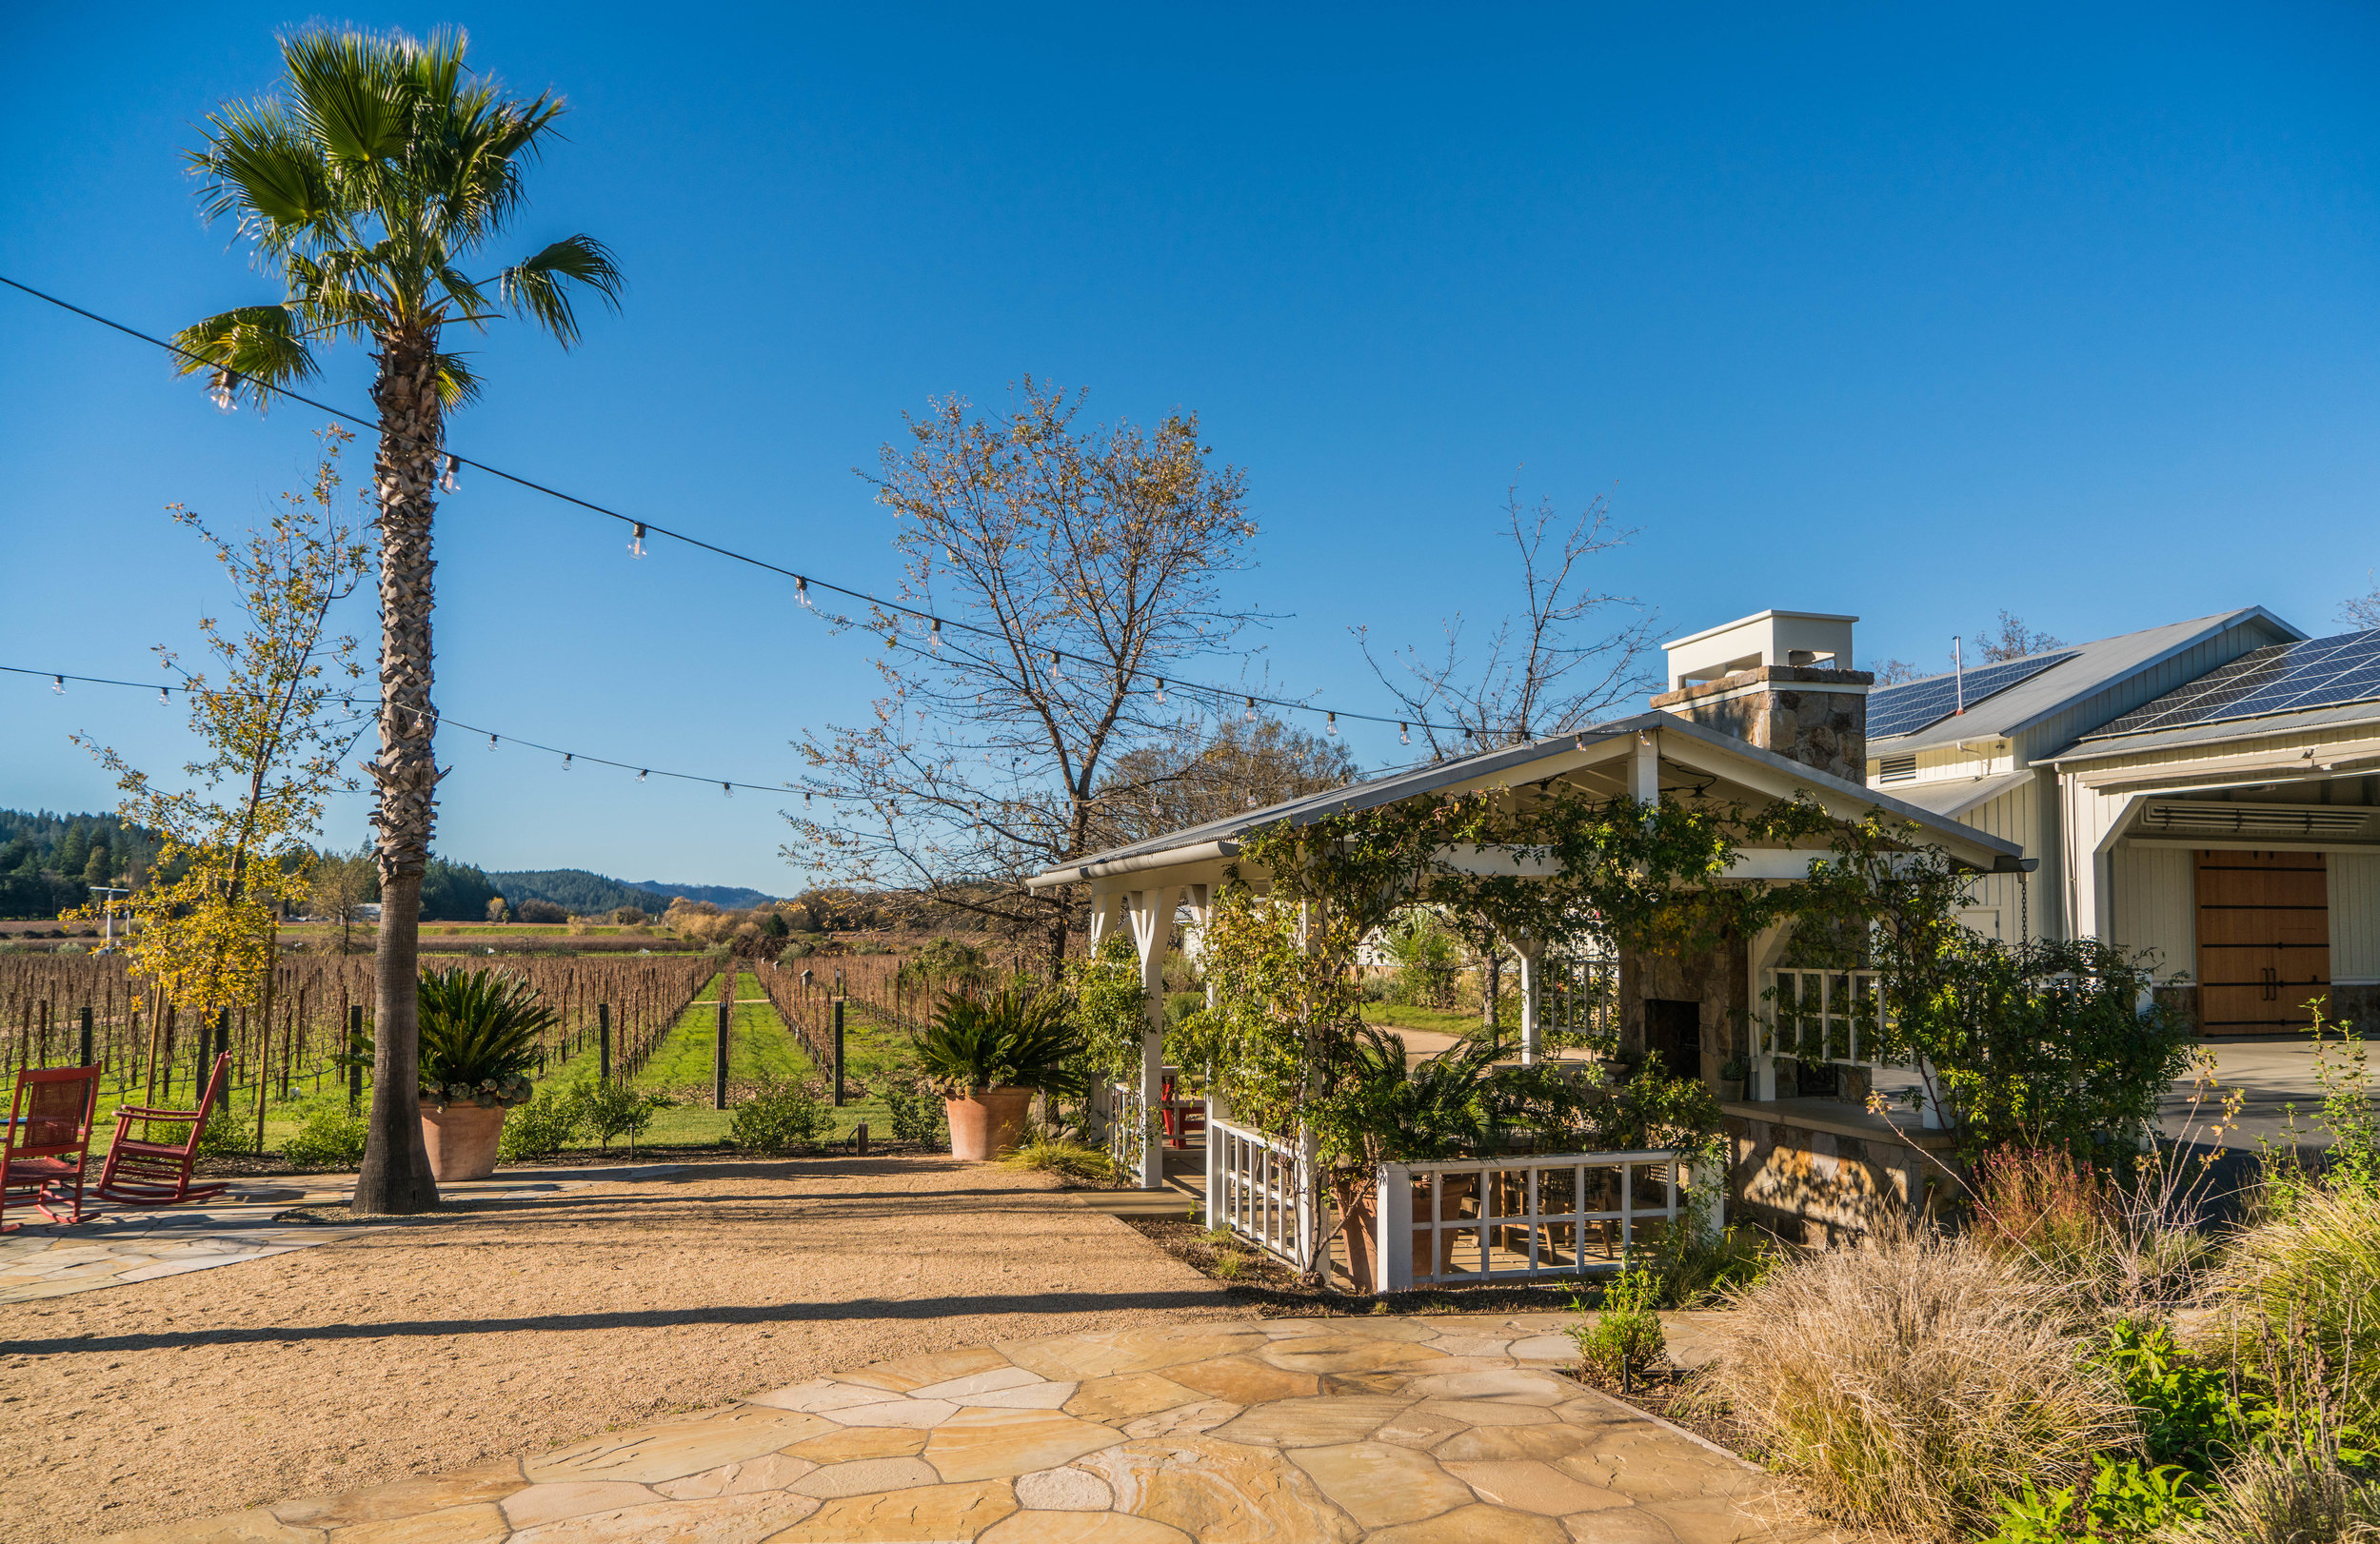 Larkmead Vineyards Winery - best wine in Napa, CA